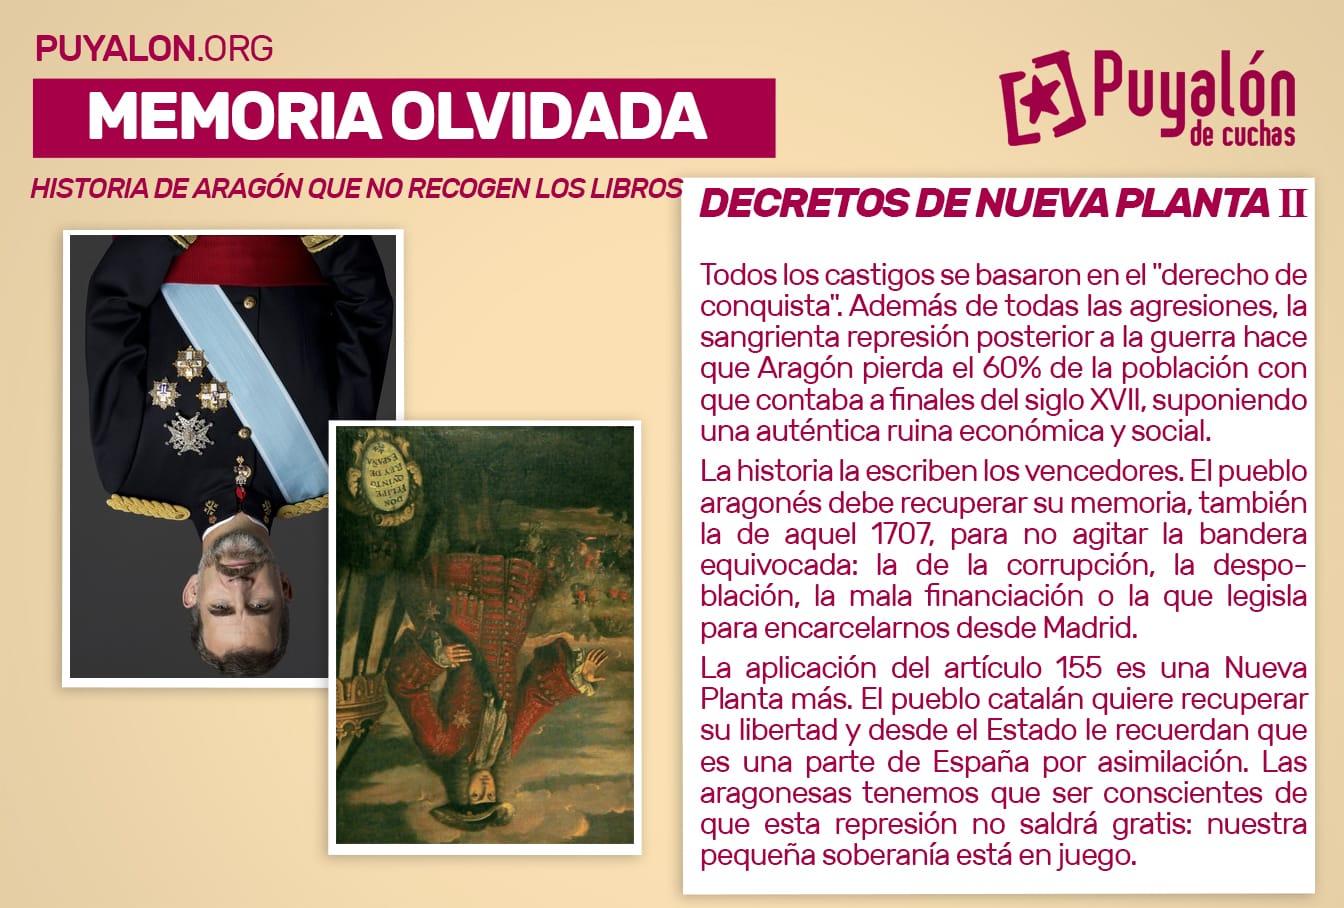 Decretos de Nueva Planta Aragón II